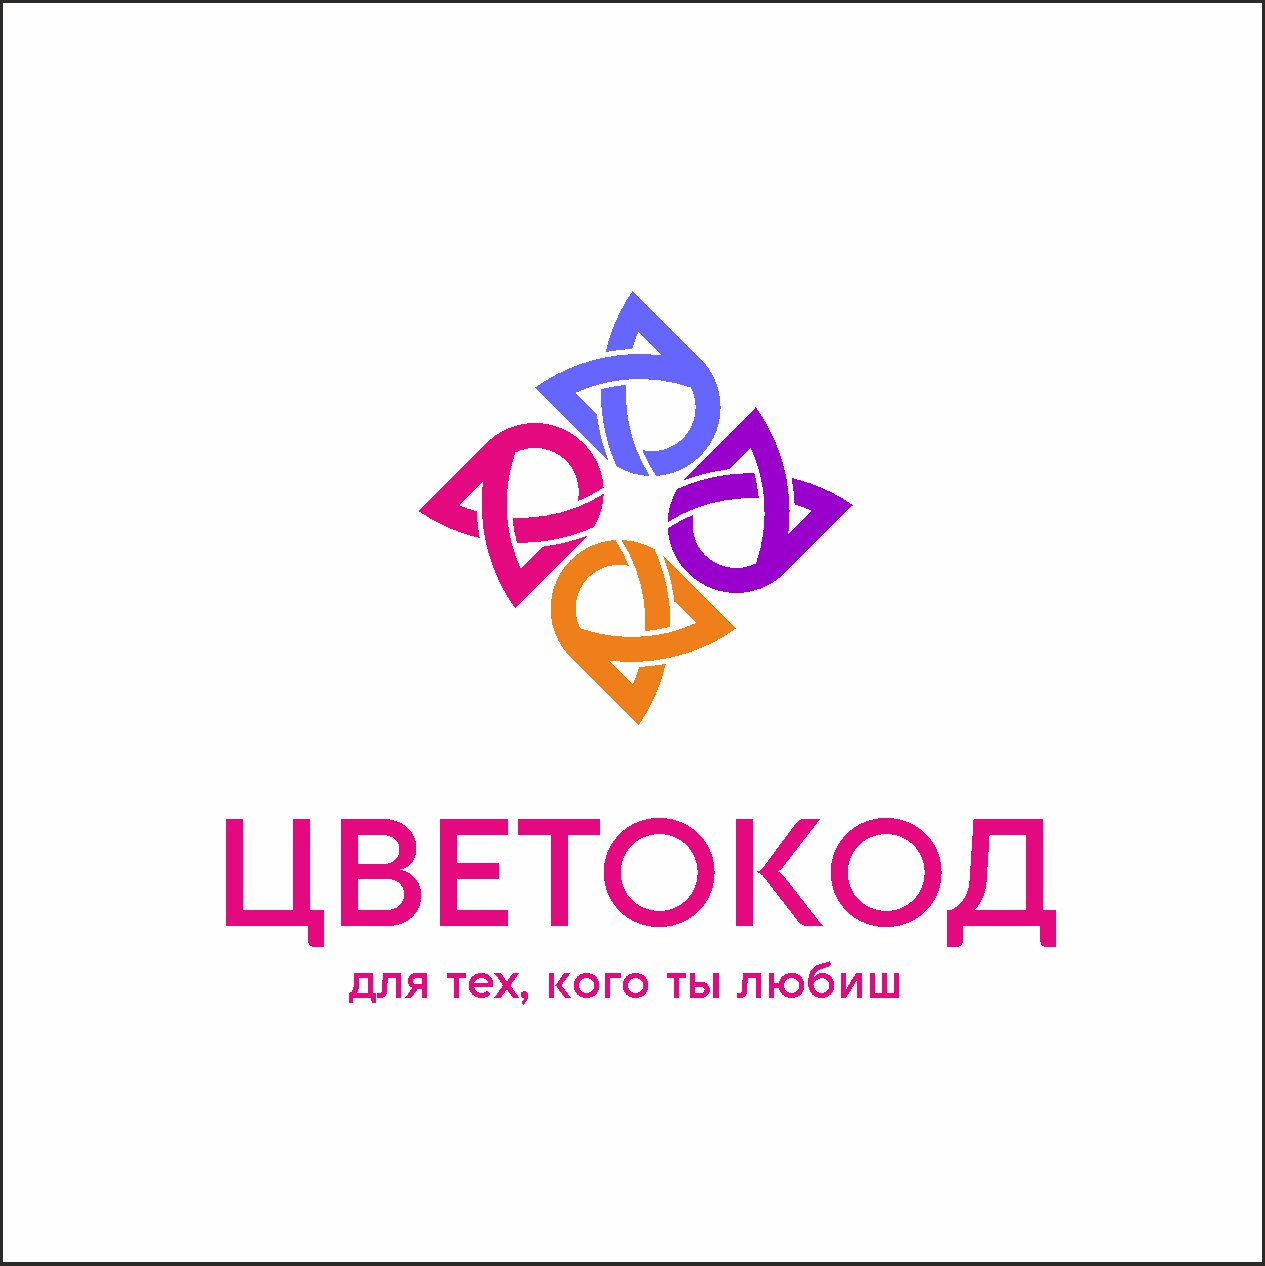 Логотип для ЦВЕТОКОД  фото f_2615d066d8d3e70f.jpg